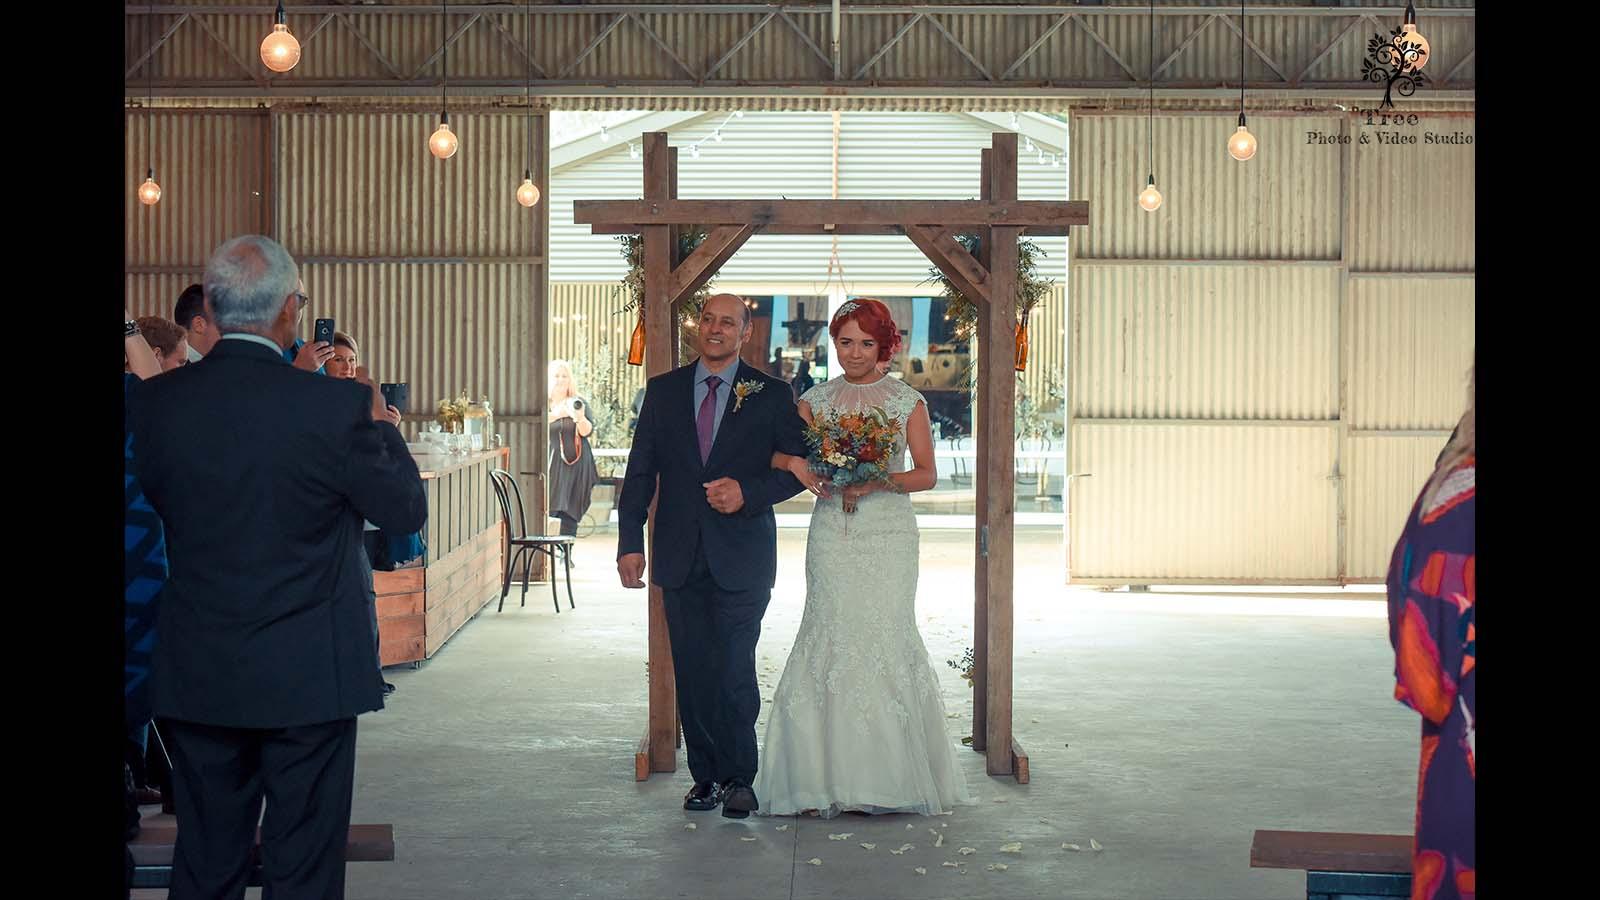 Zonzo Wedding